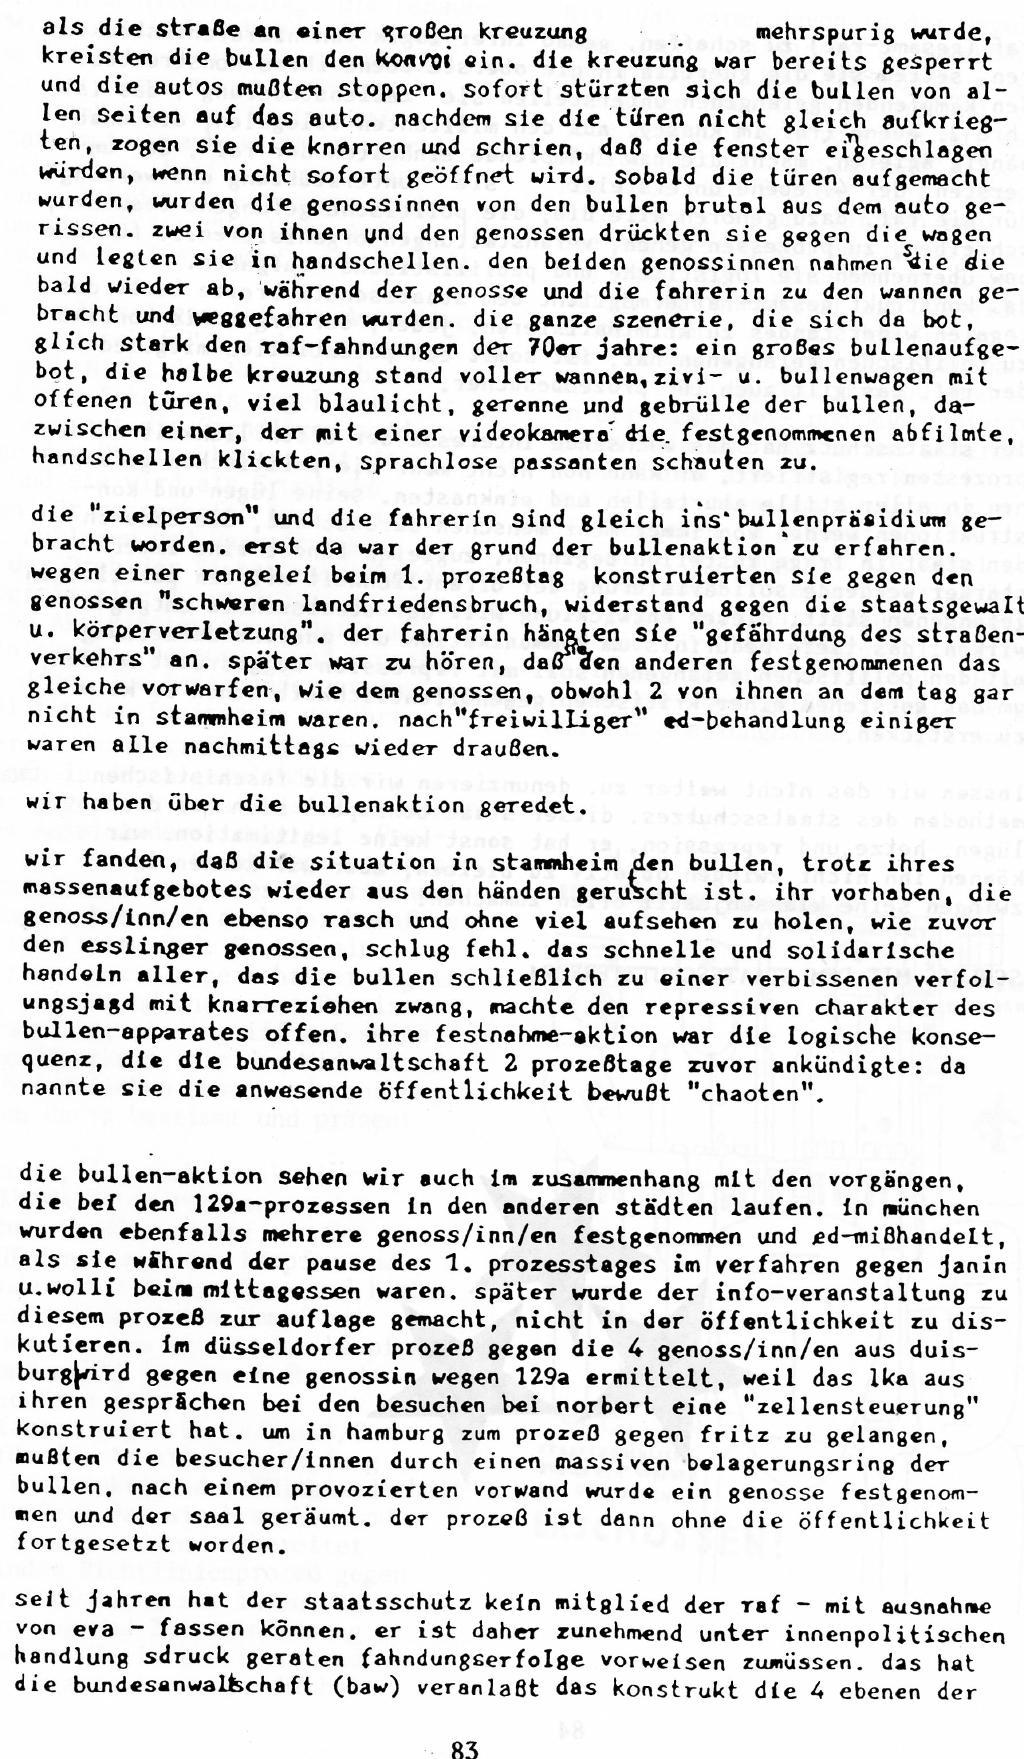 Duesseldorf_1989_Sechs_Politische_Gefangene_083